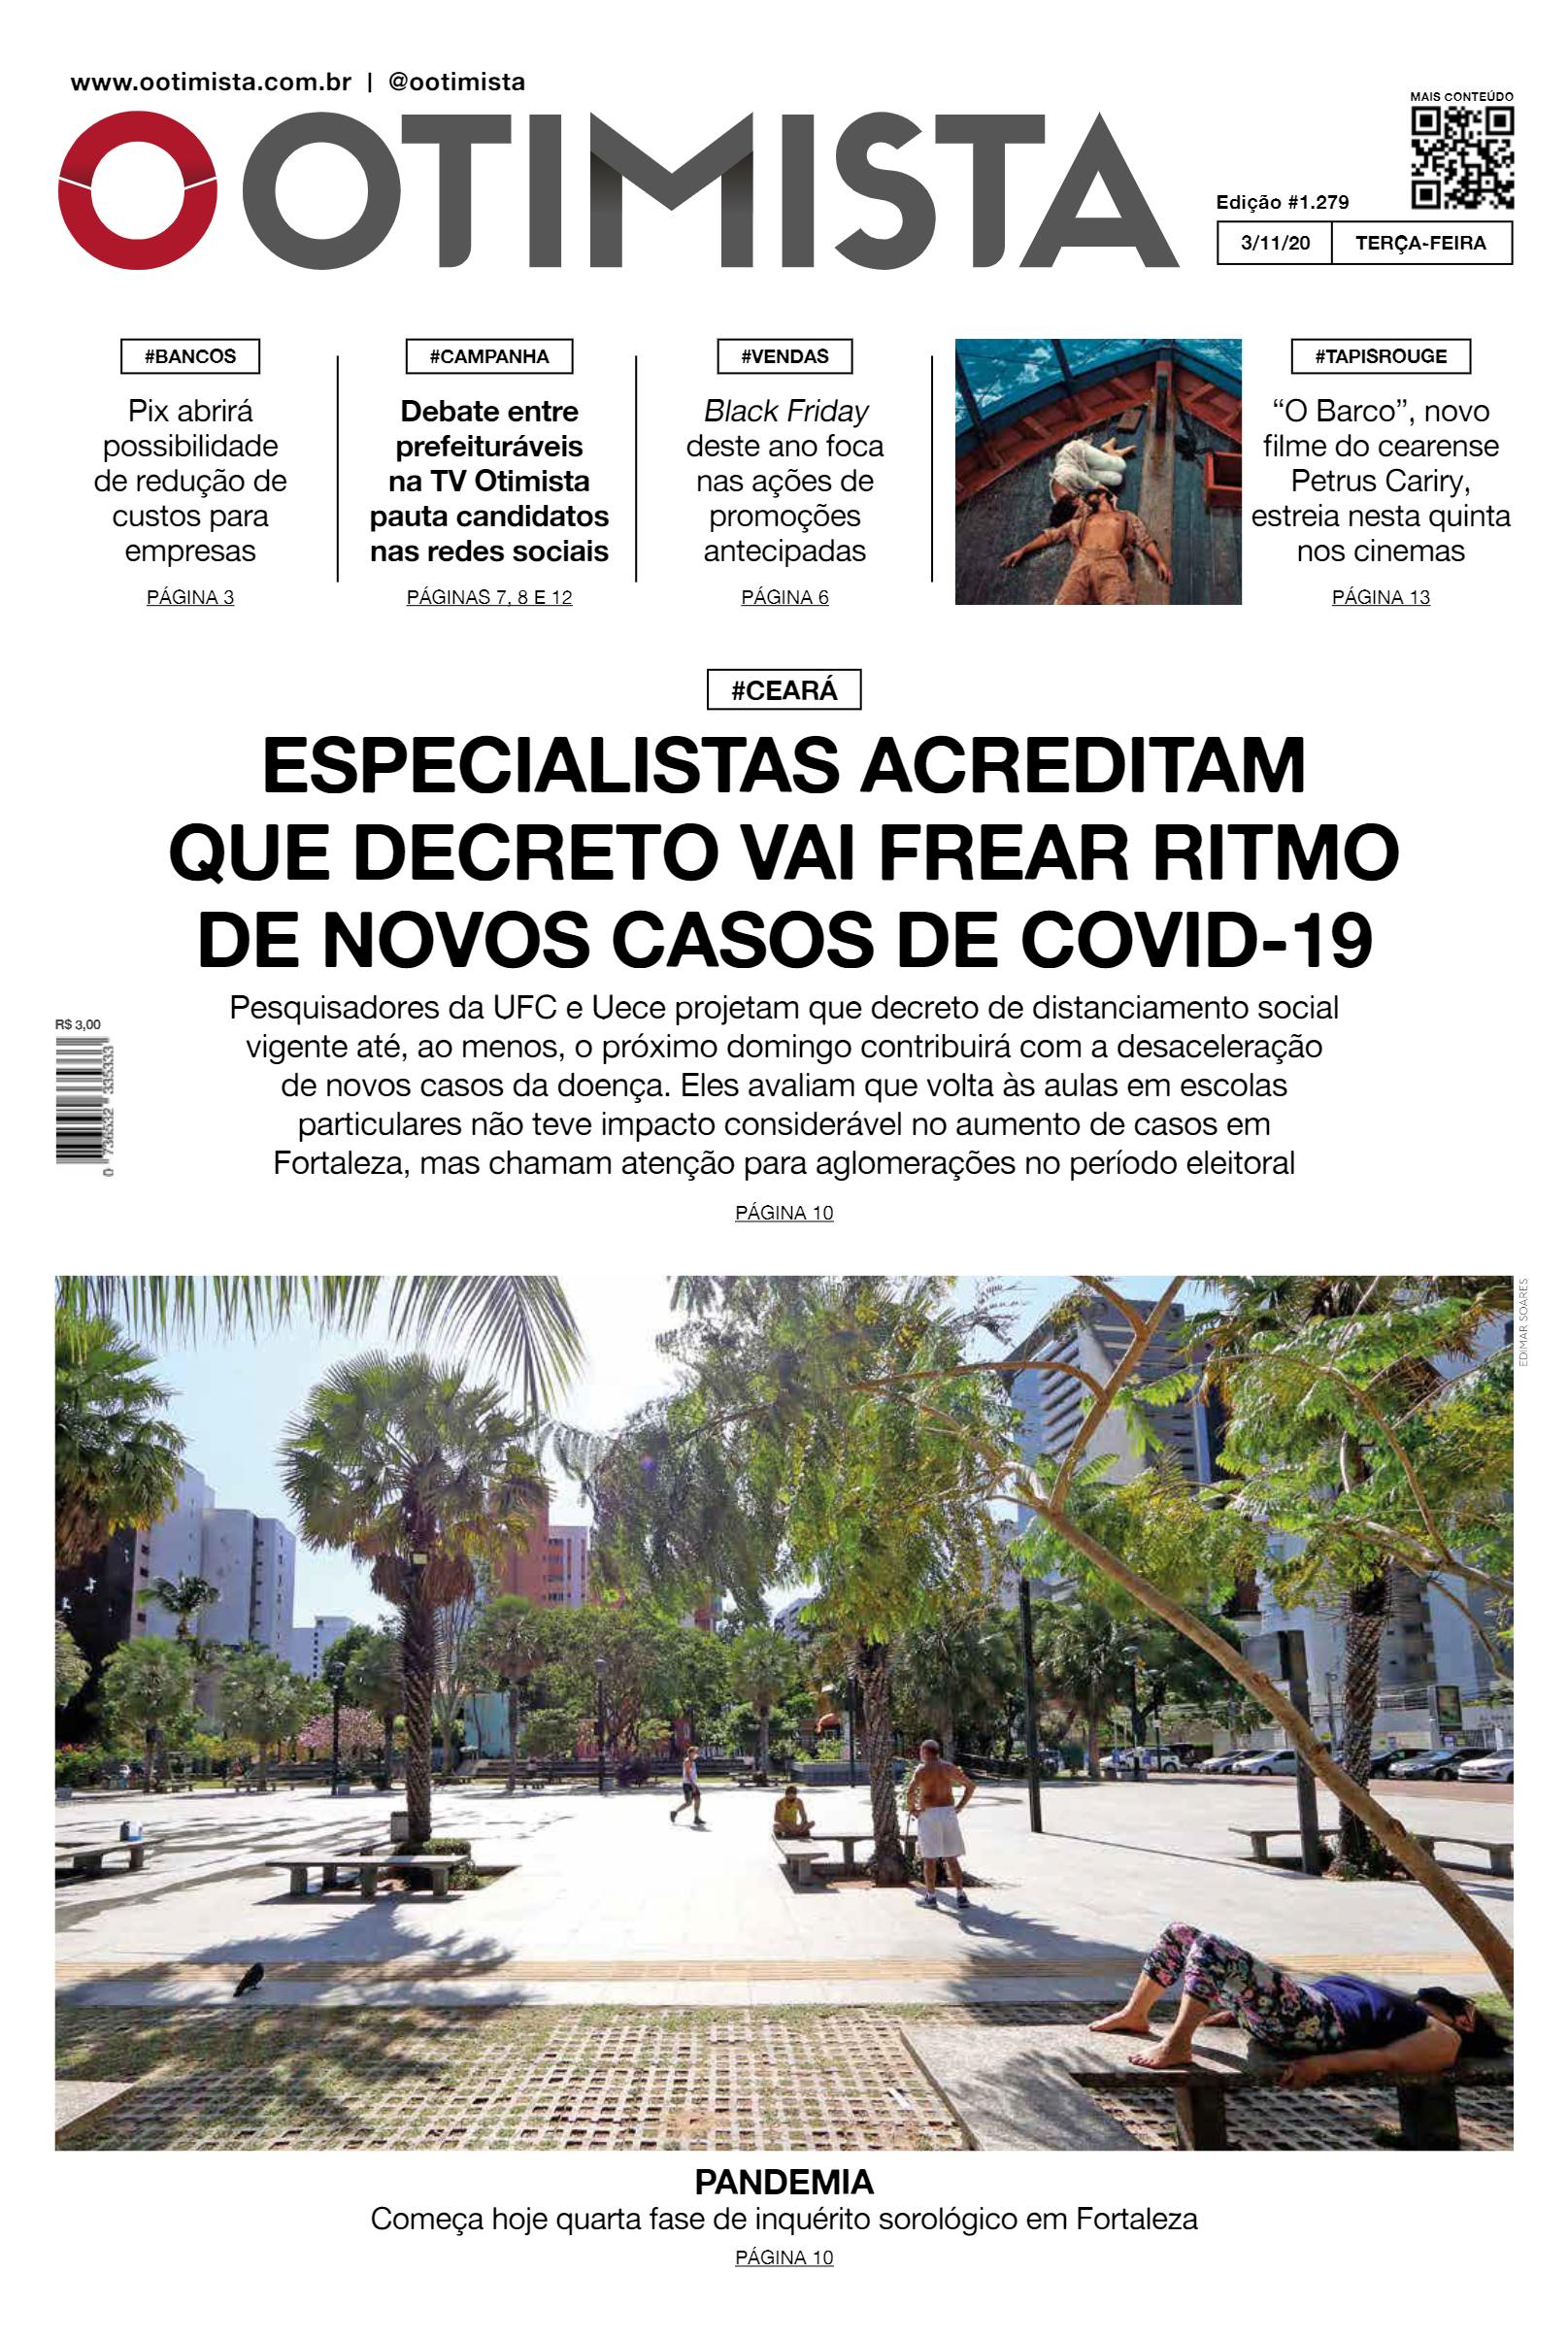 O Otimista – Edição impressa de 03/11/2020